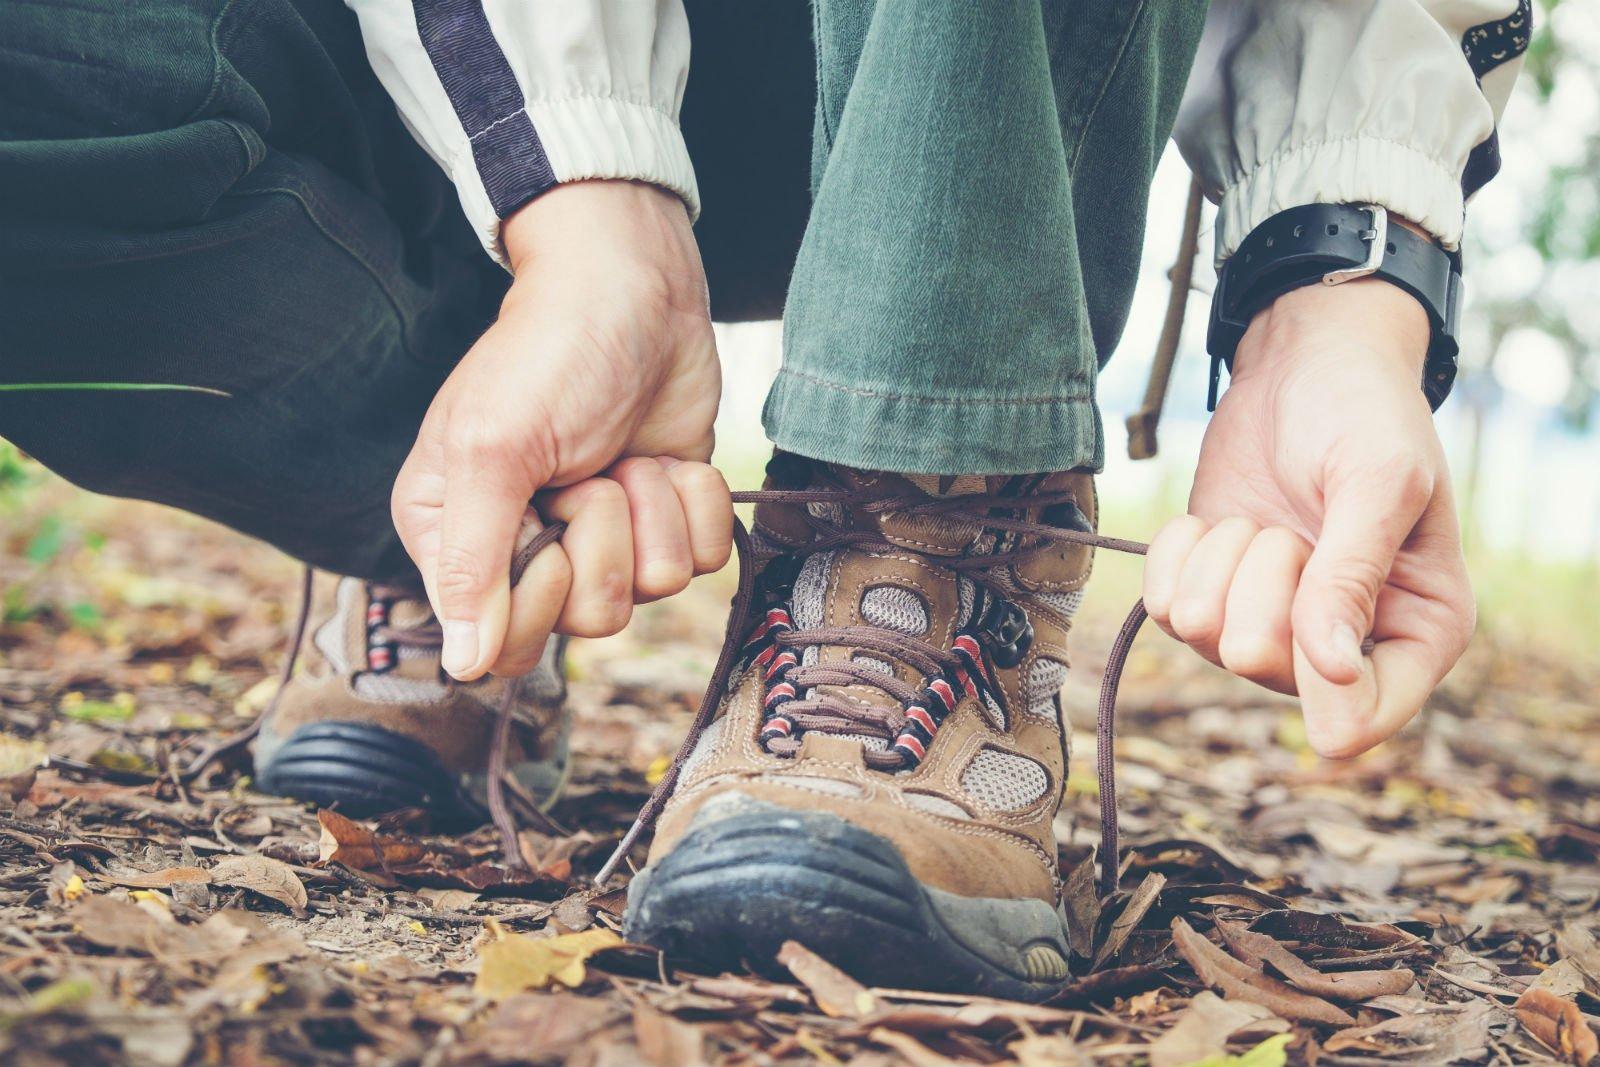 due mani che si allacciano una scarpa